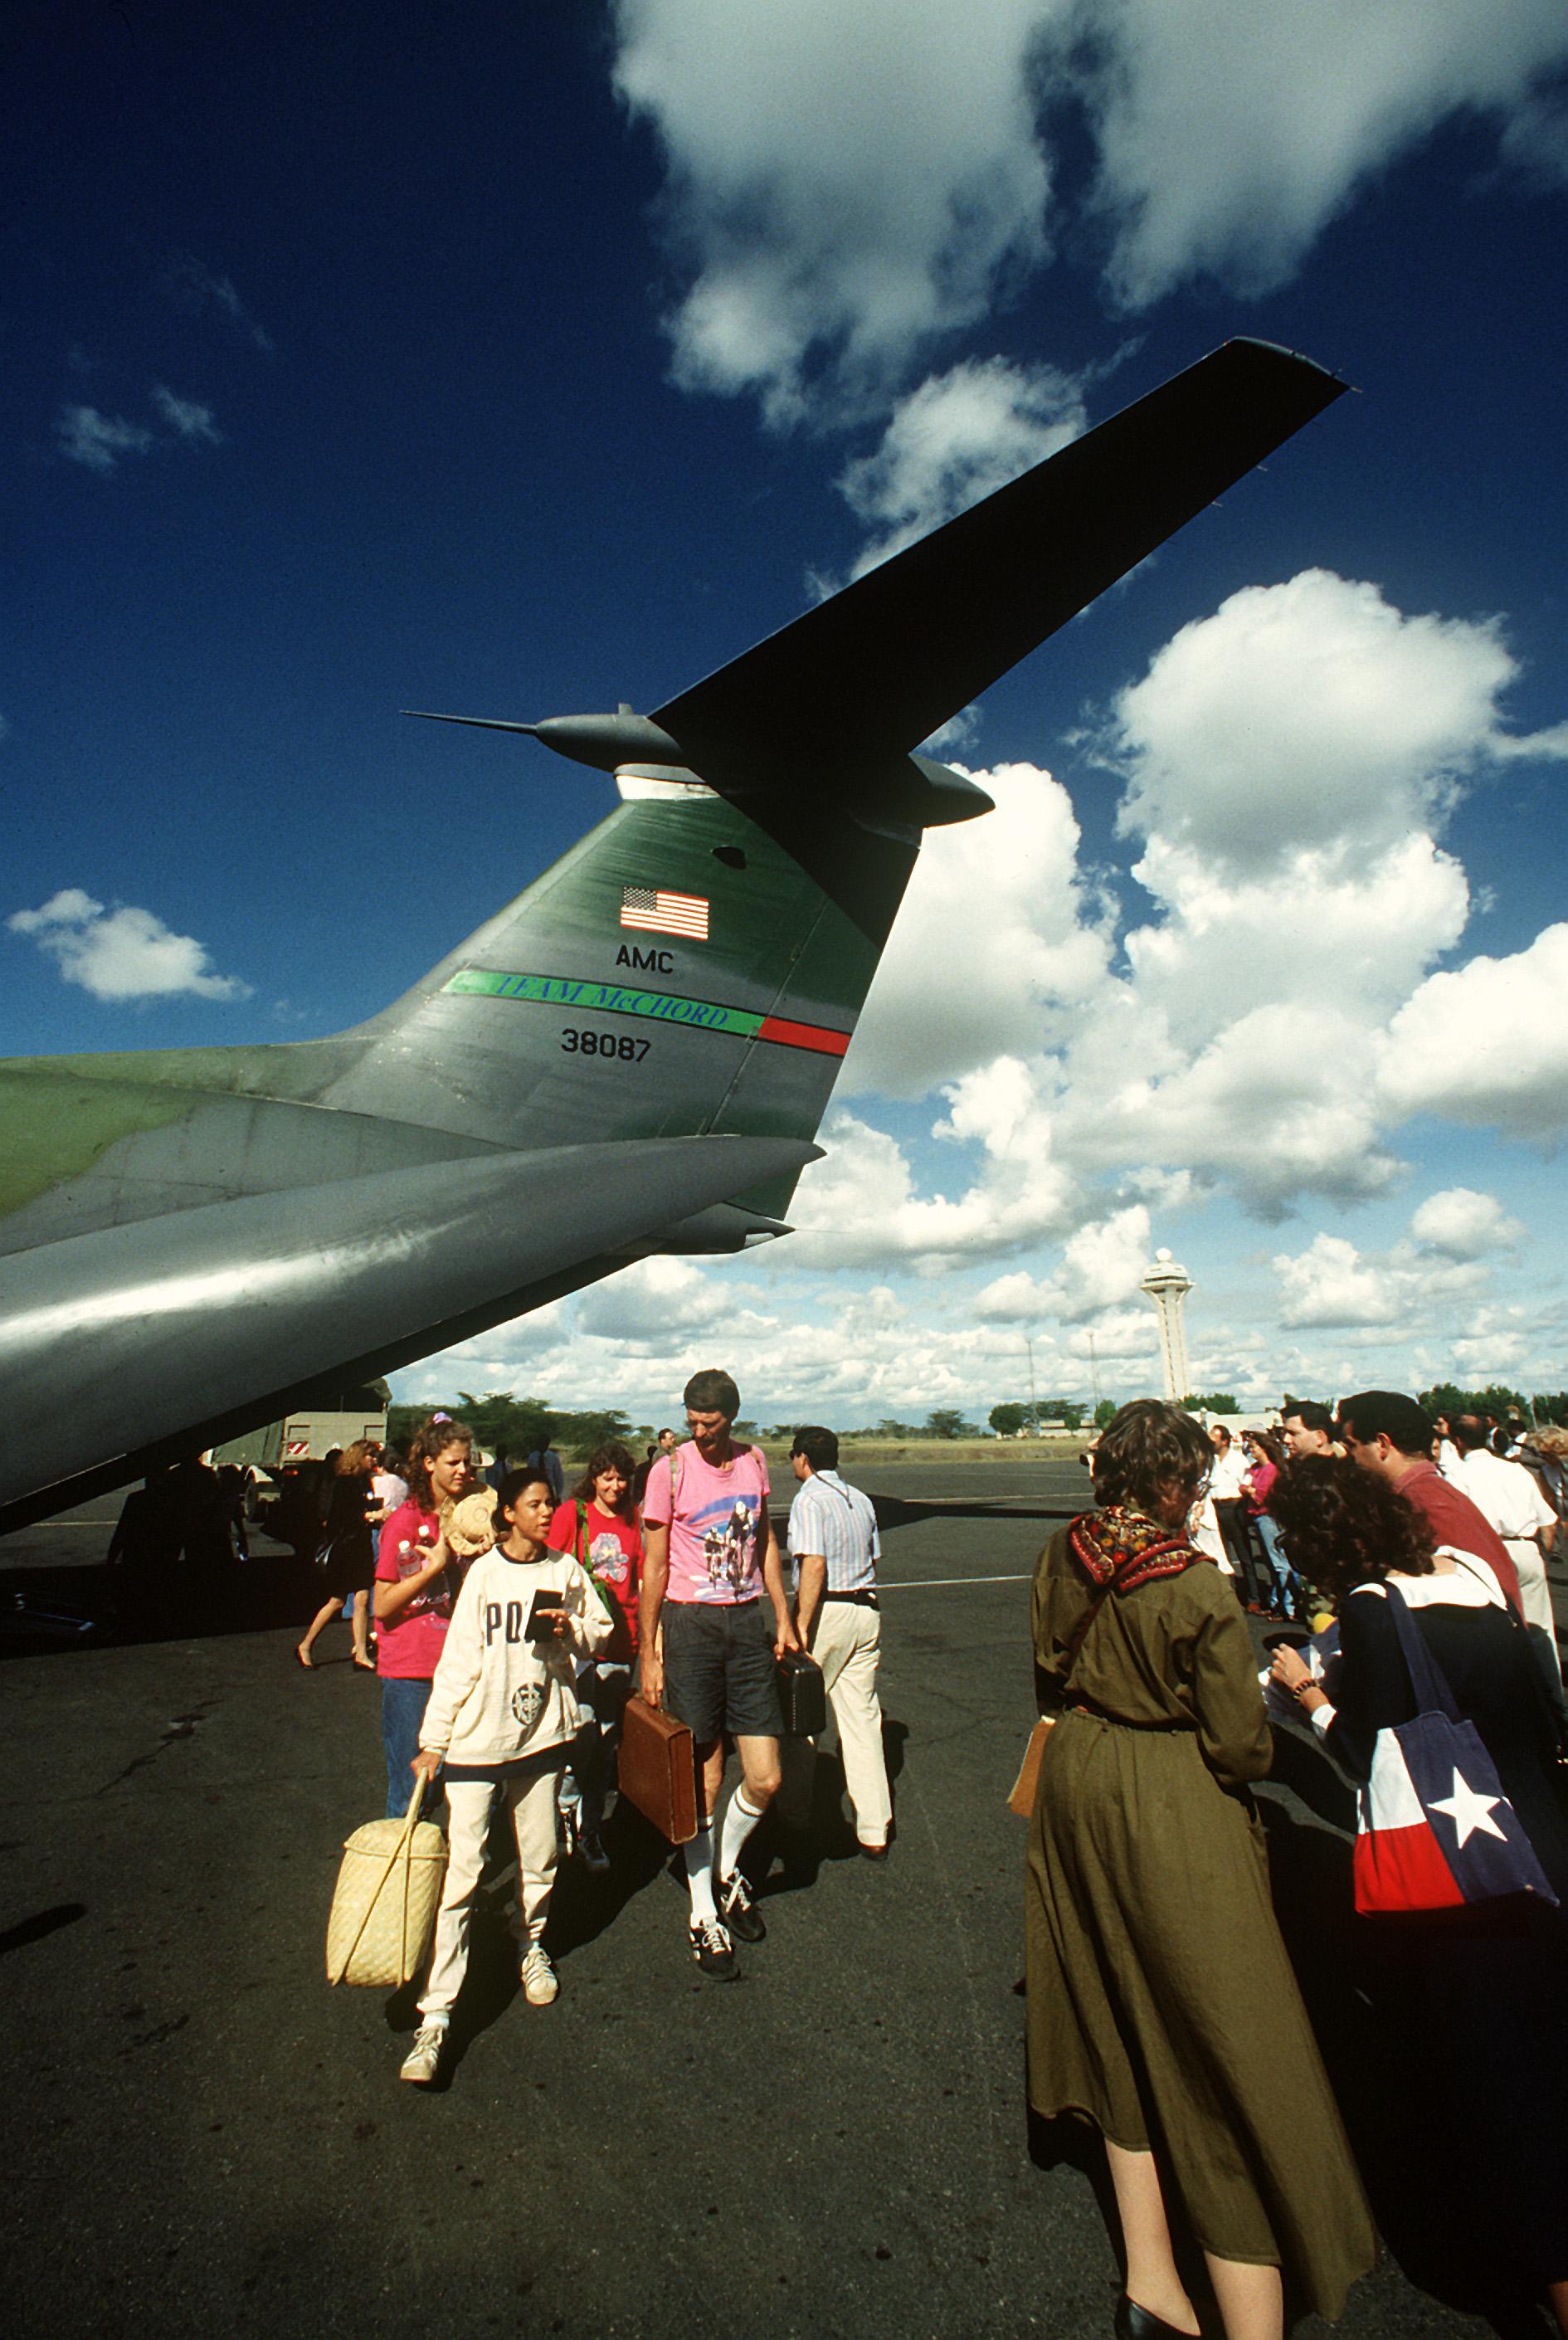 File:This C-141 flight from Bujumbura, Burundi took on passengers who were